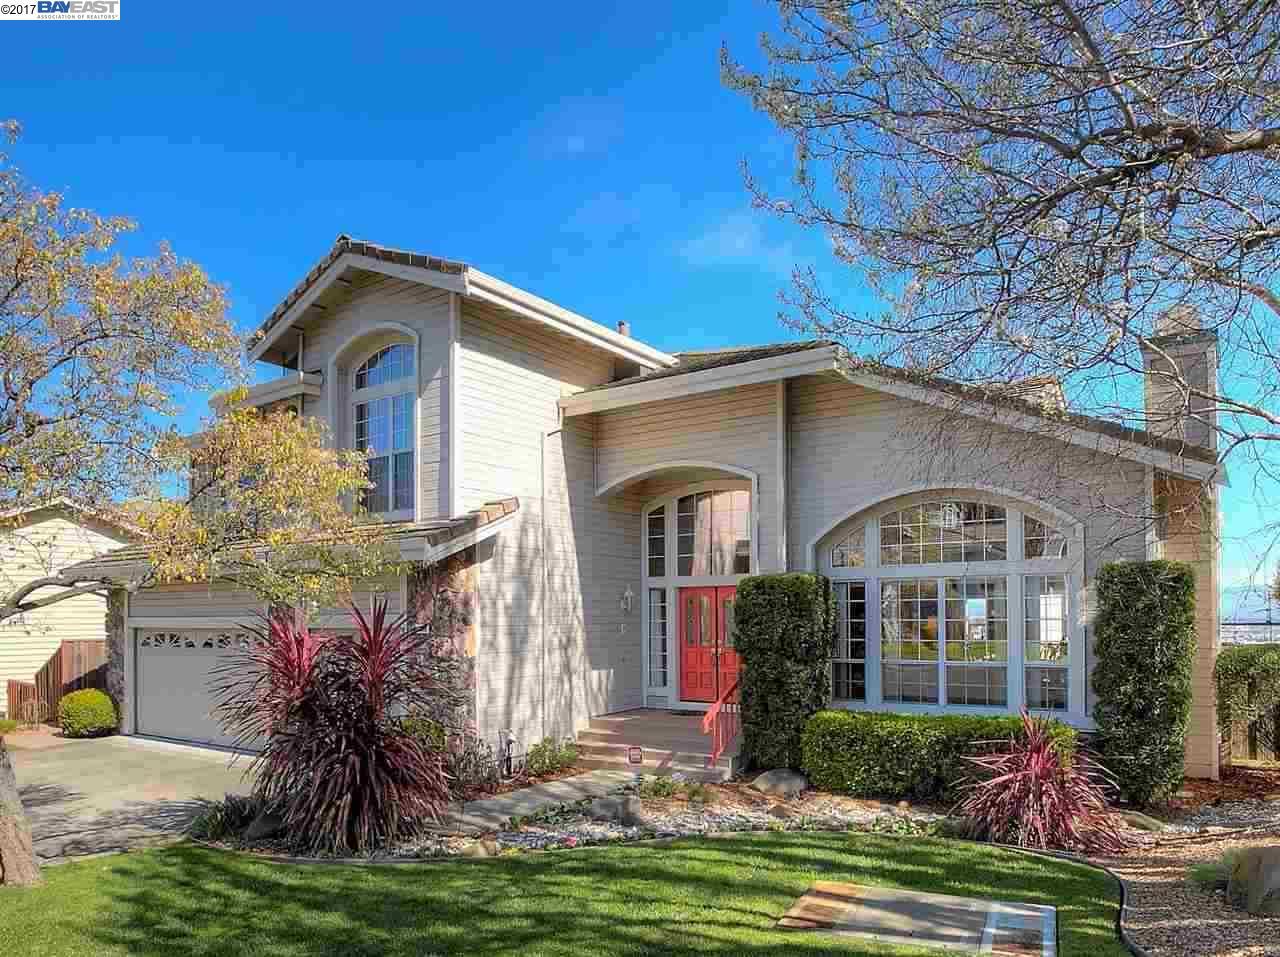 Maison unifamiliale pour l Vente à 11367 VILLAGE VIEW COURT Dublin, Californie 94568 États-Unis